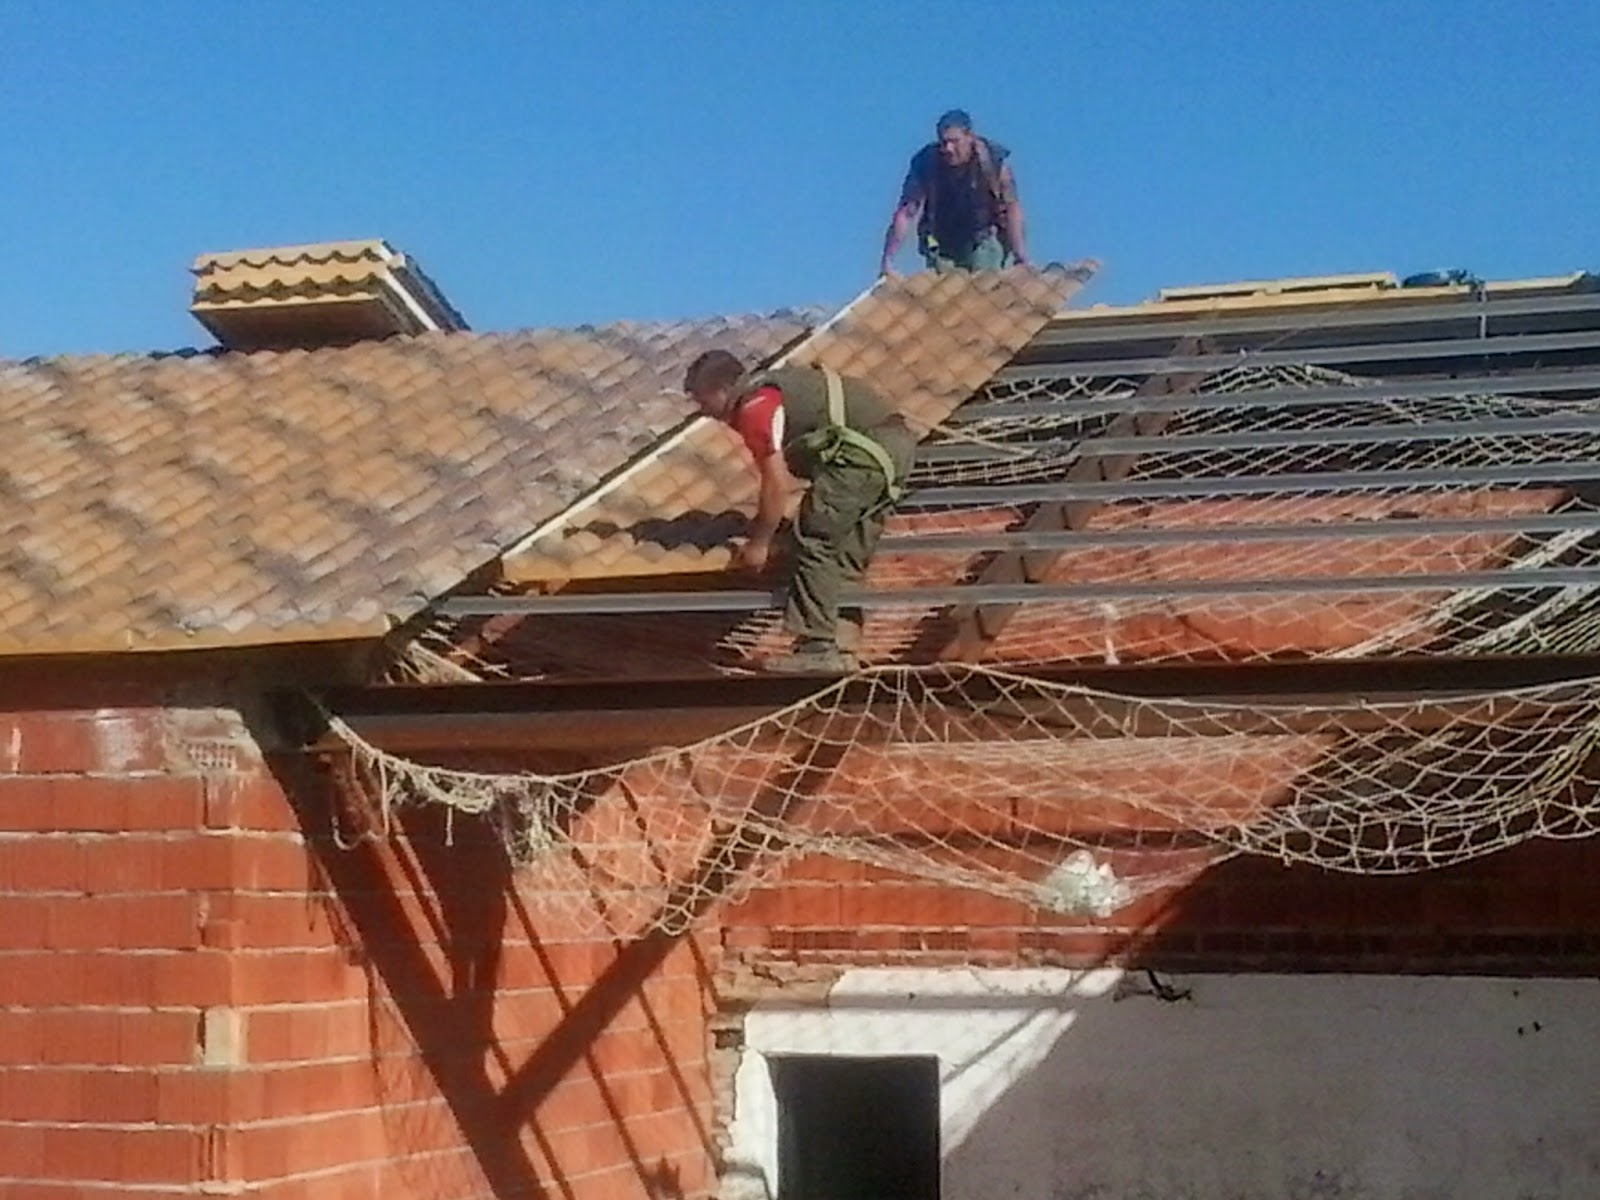 Cubiertas de panel s ndwich imitaci n teja para el tejado for Chapa imitacion teja sin aislamiento